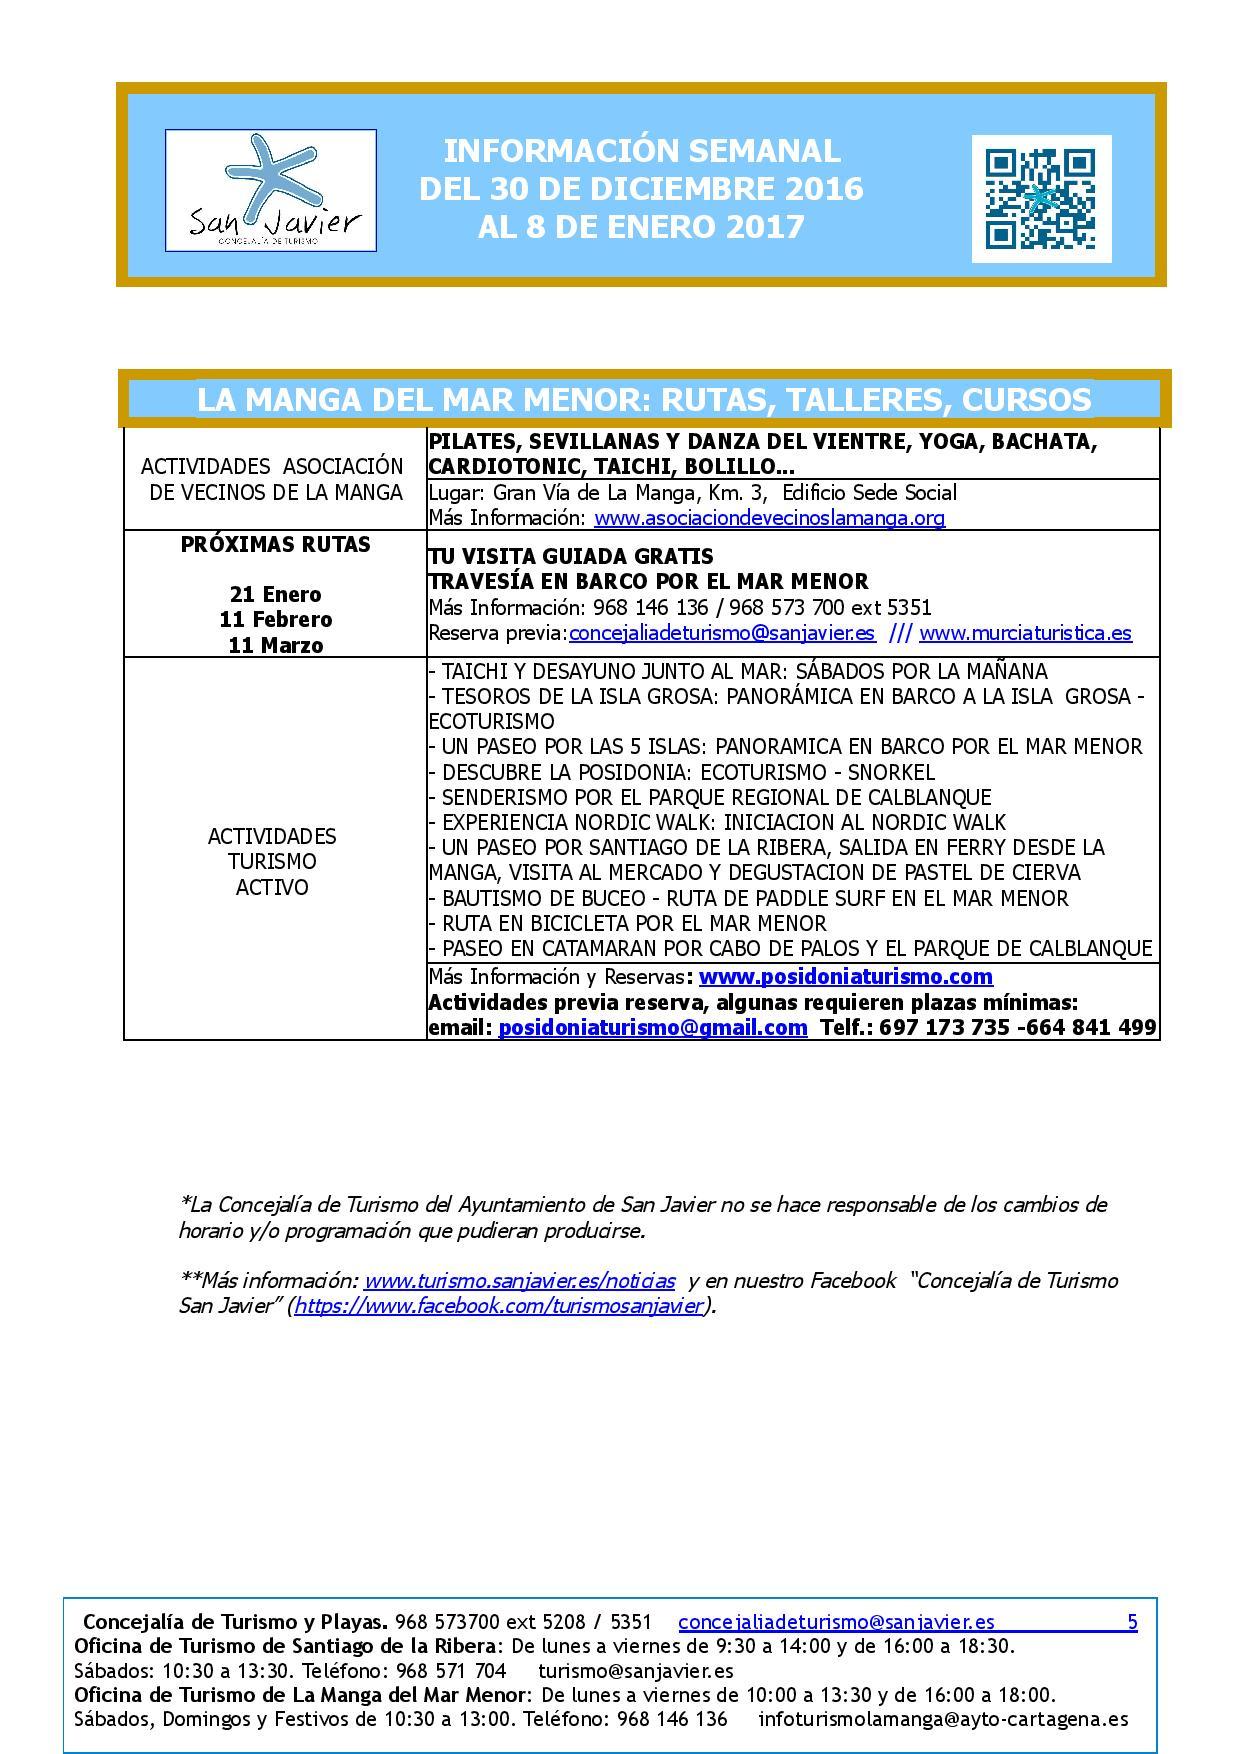 del-30-dic-al-8-ene-page-003